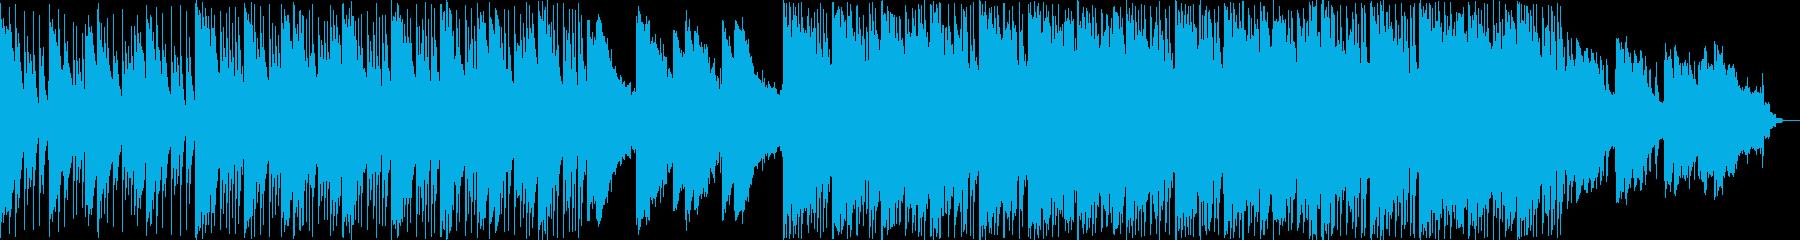 動画 押しつけがましい 技術的な ...の再生済みの波形